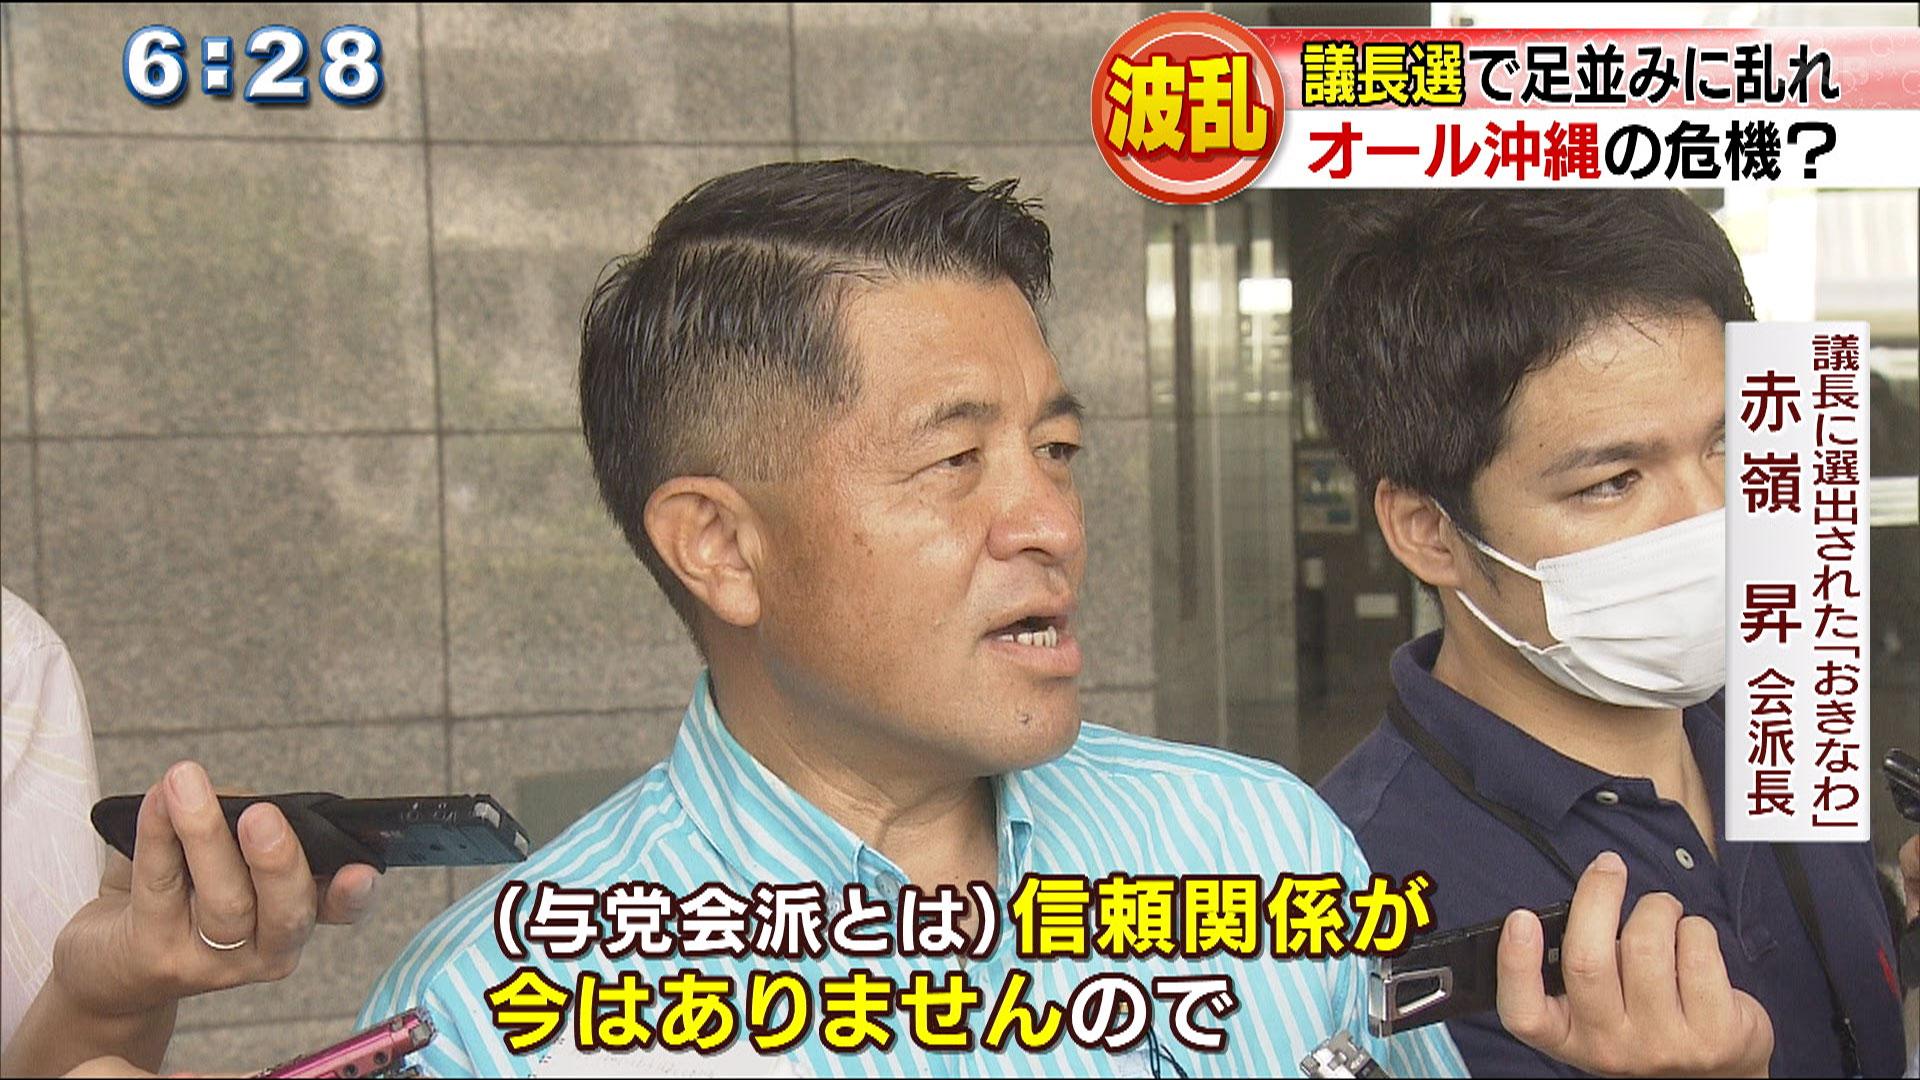 新たな顔ぶれ県議会 波乱の議長選